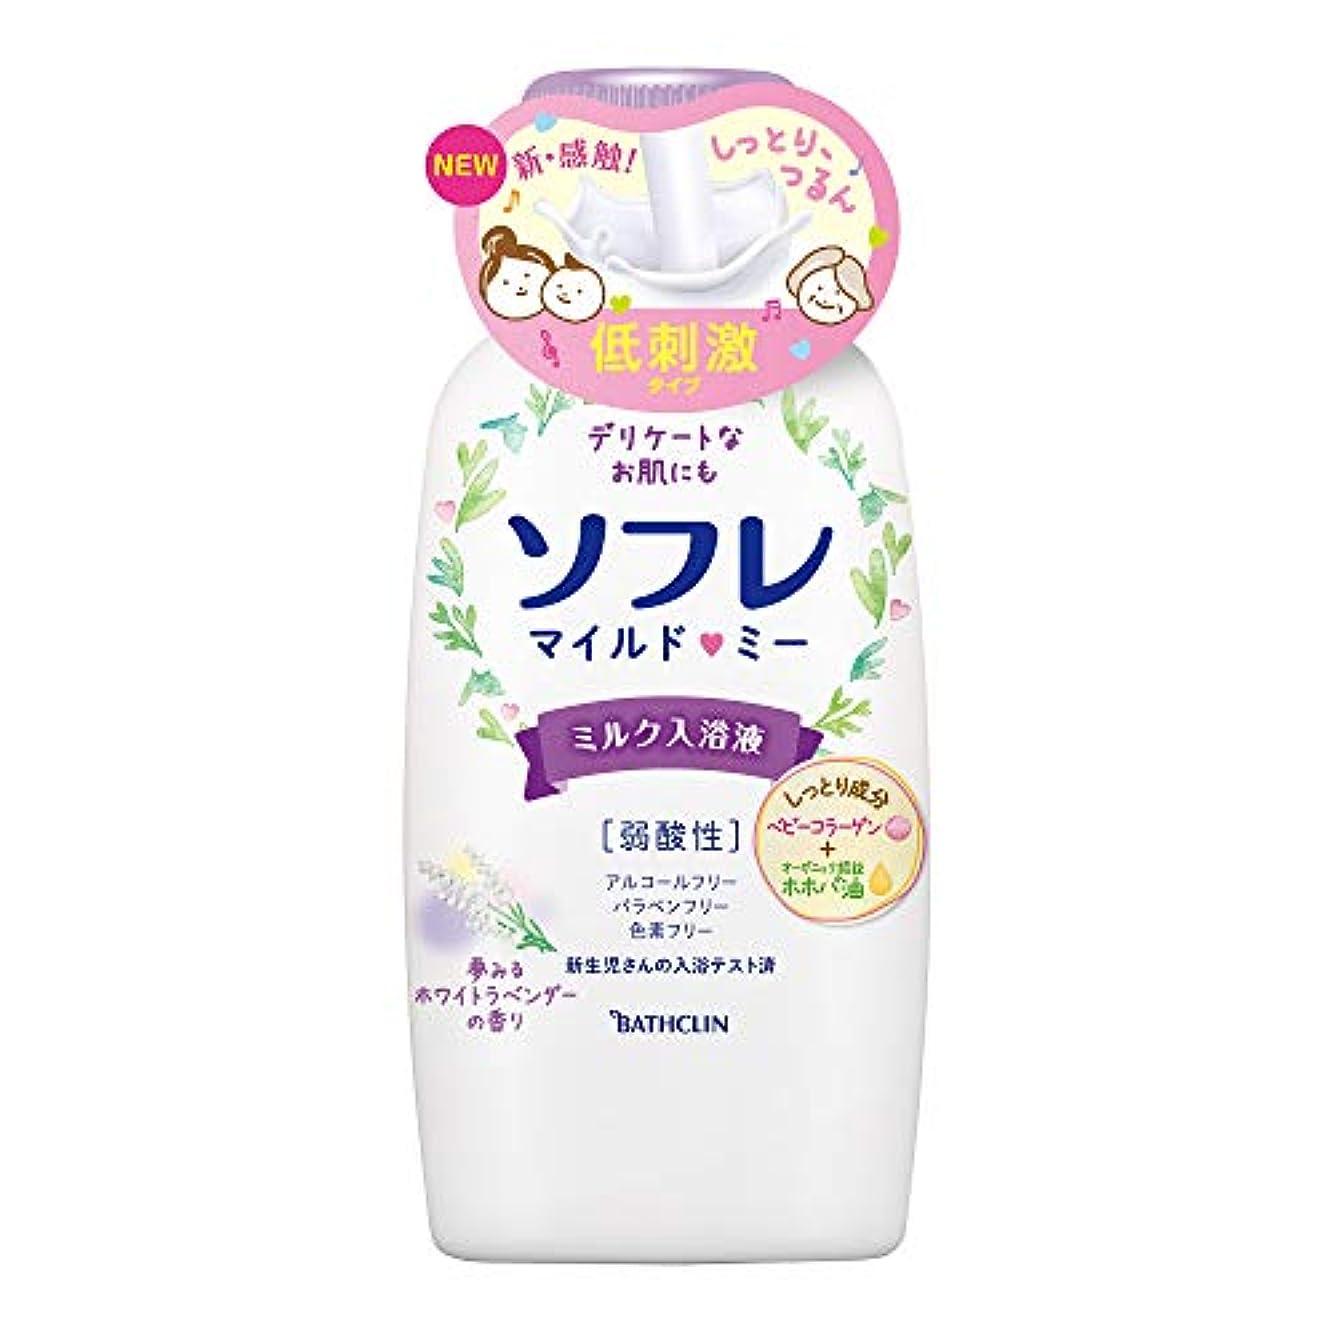 カロリー篭欲望バスクリン ソフレ入浴液 マイルド?ミー ミルク 夢みるホワイトラベンダーの香り 本体720mL保湿 成分配合 赤ちゃんと一緒に使えます。